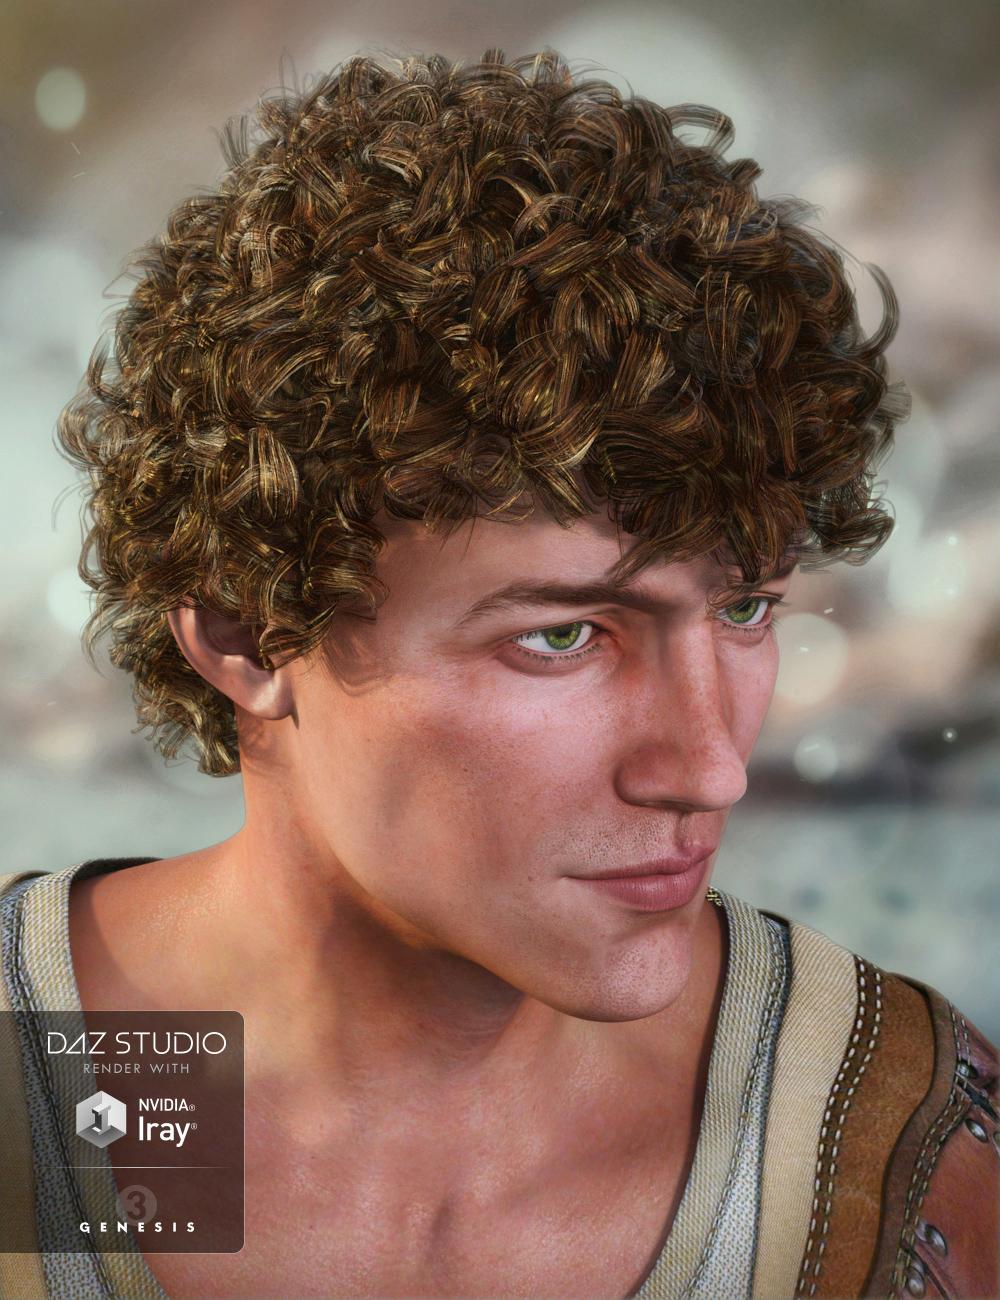 Jonas Hair for Genesis 3 Male(s) by: goldtassel, 3D Models by Daz 3D